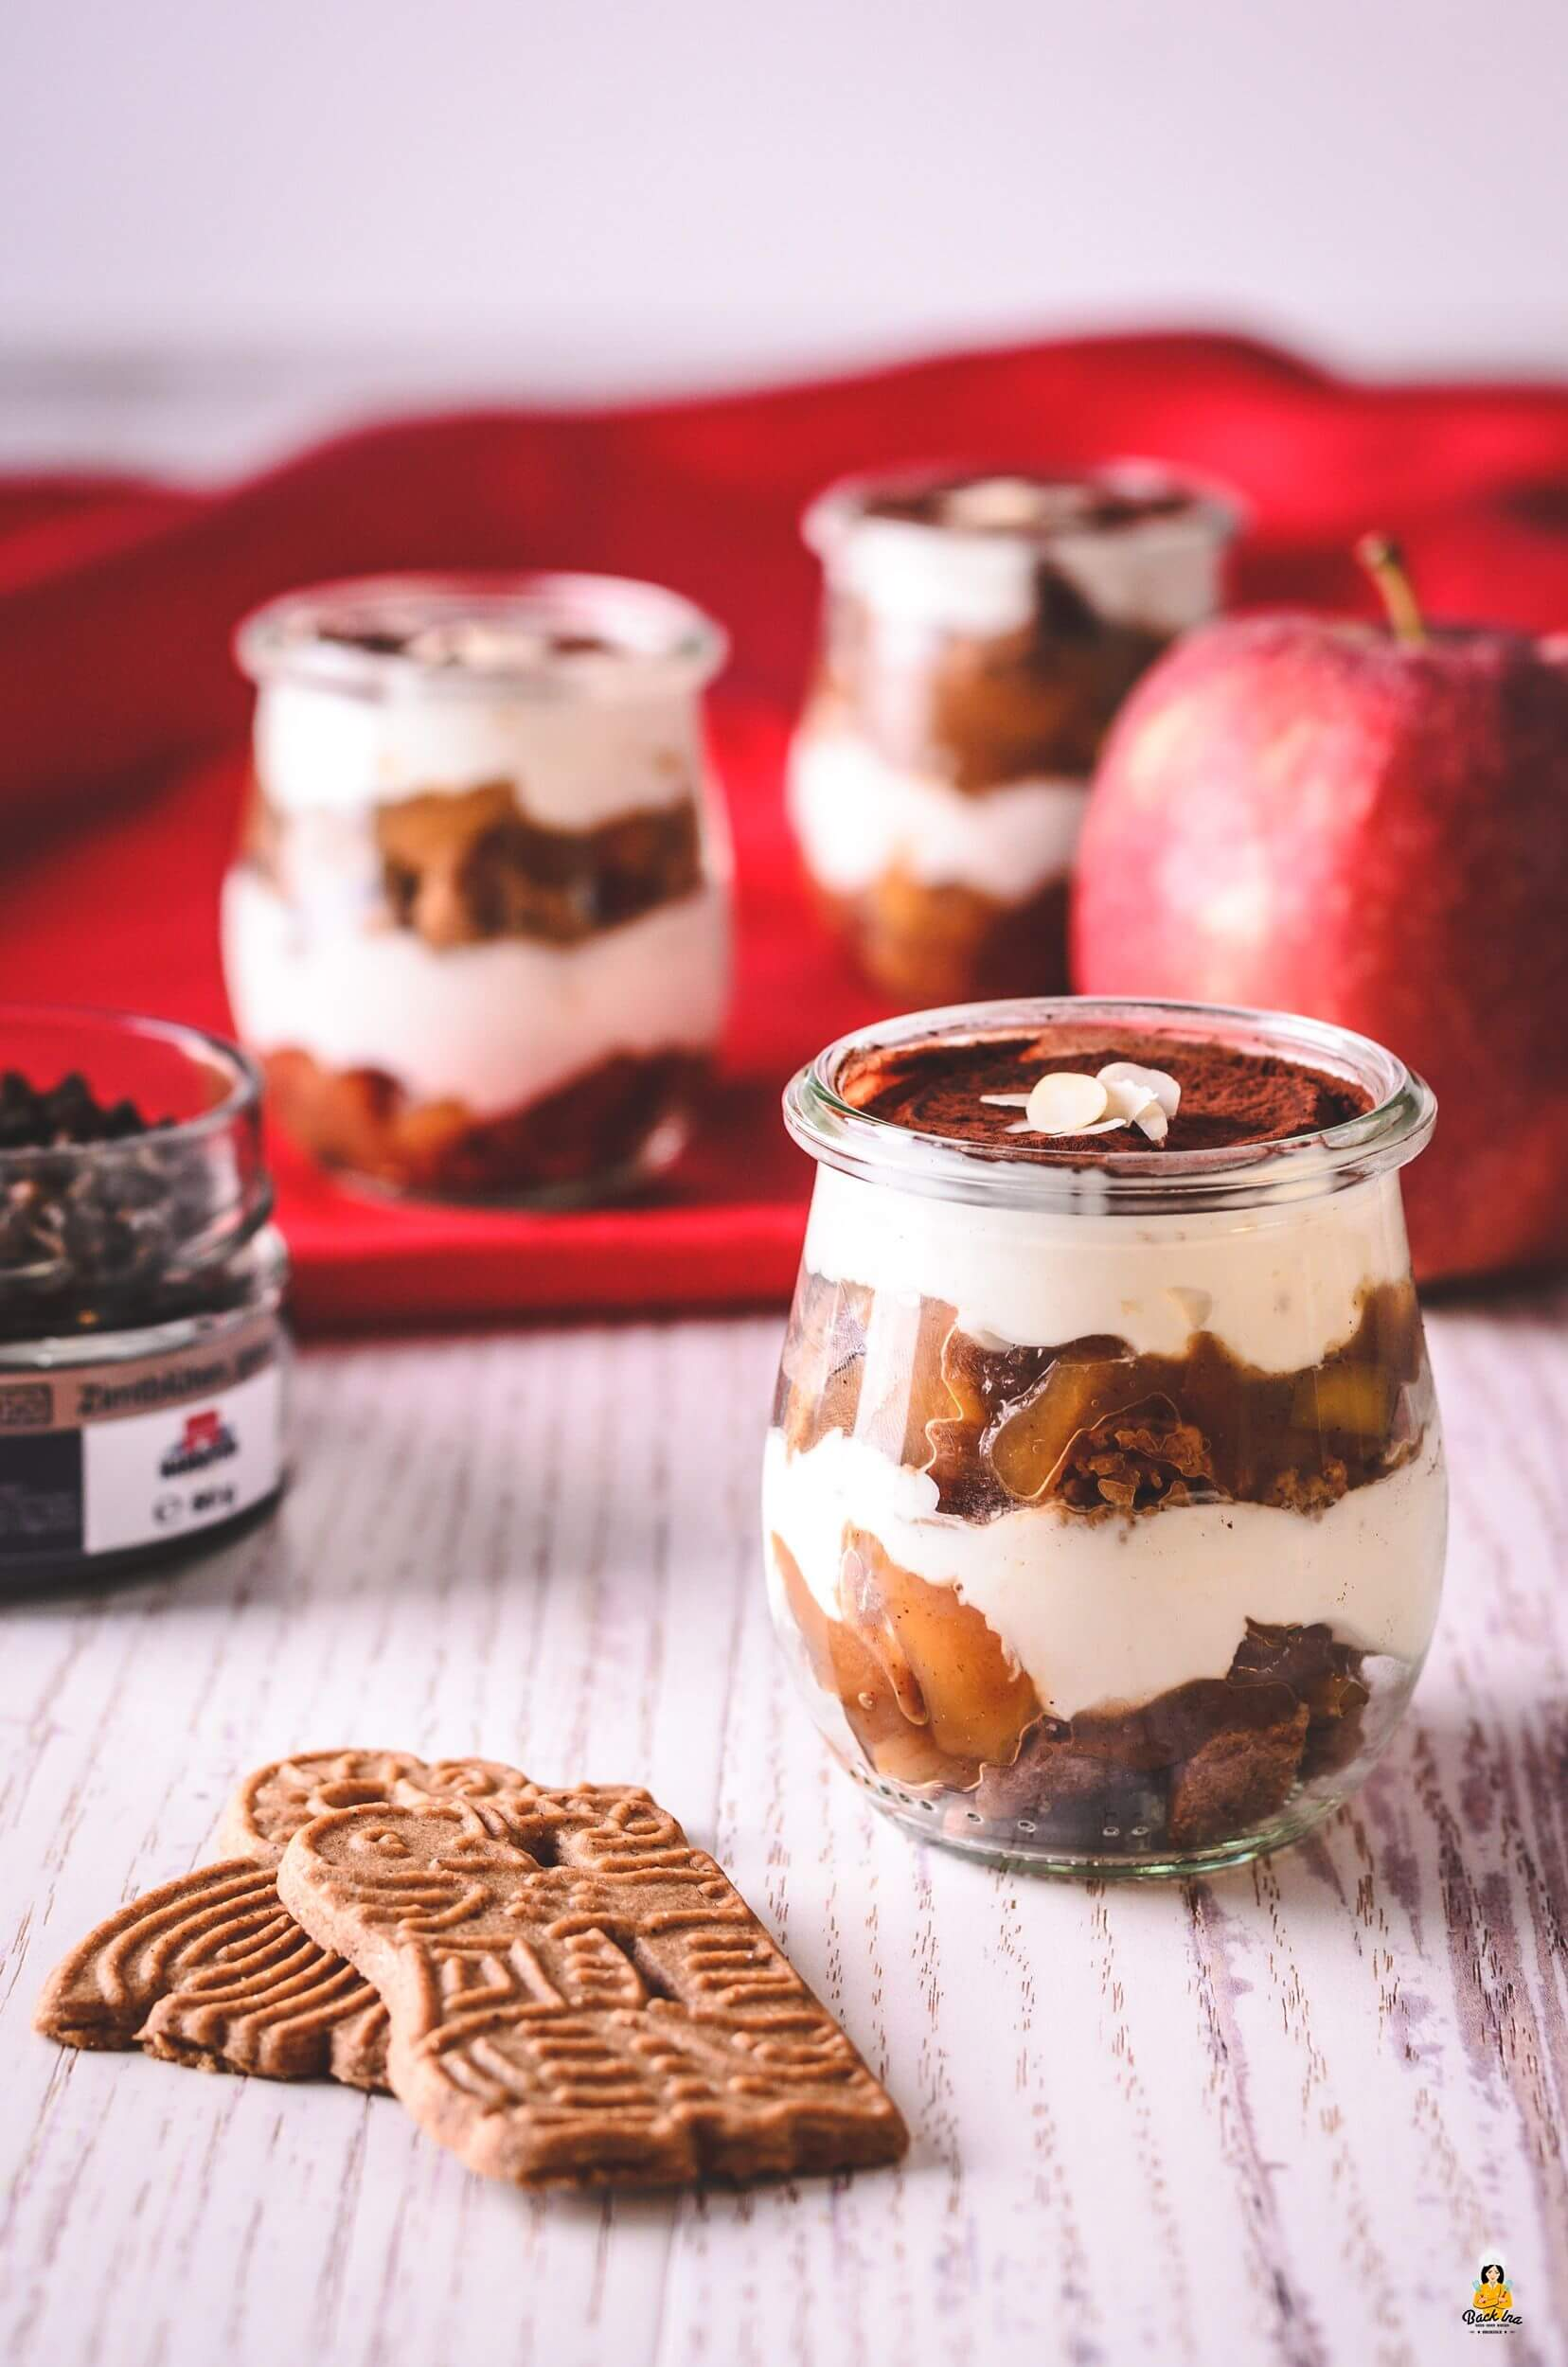 Weihnachtsdessert kalorienreduziert - Bratapfel Tiramisu mit leichterer Creme im Glas